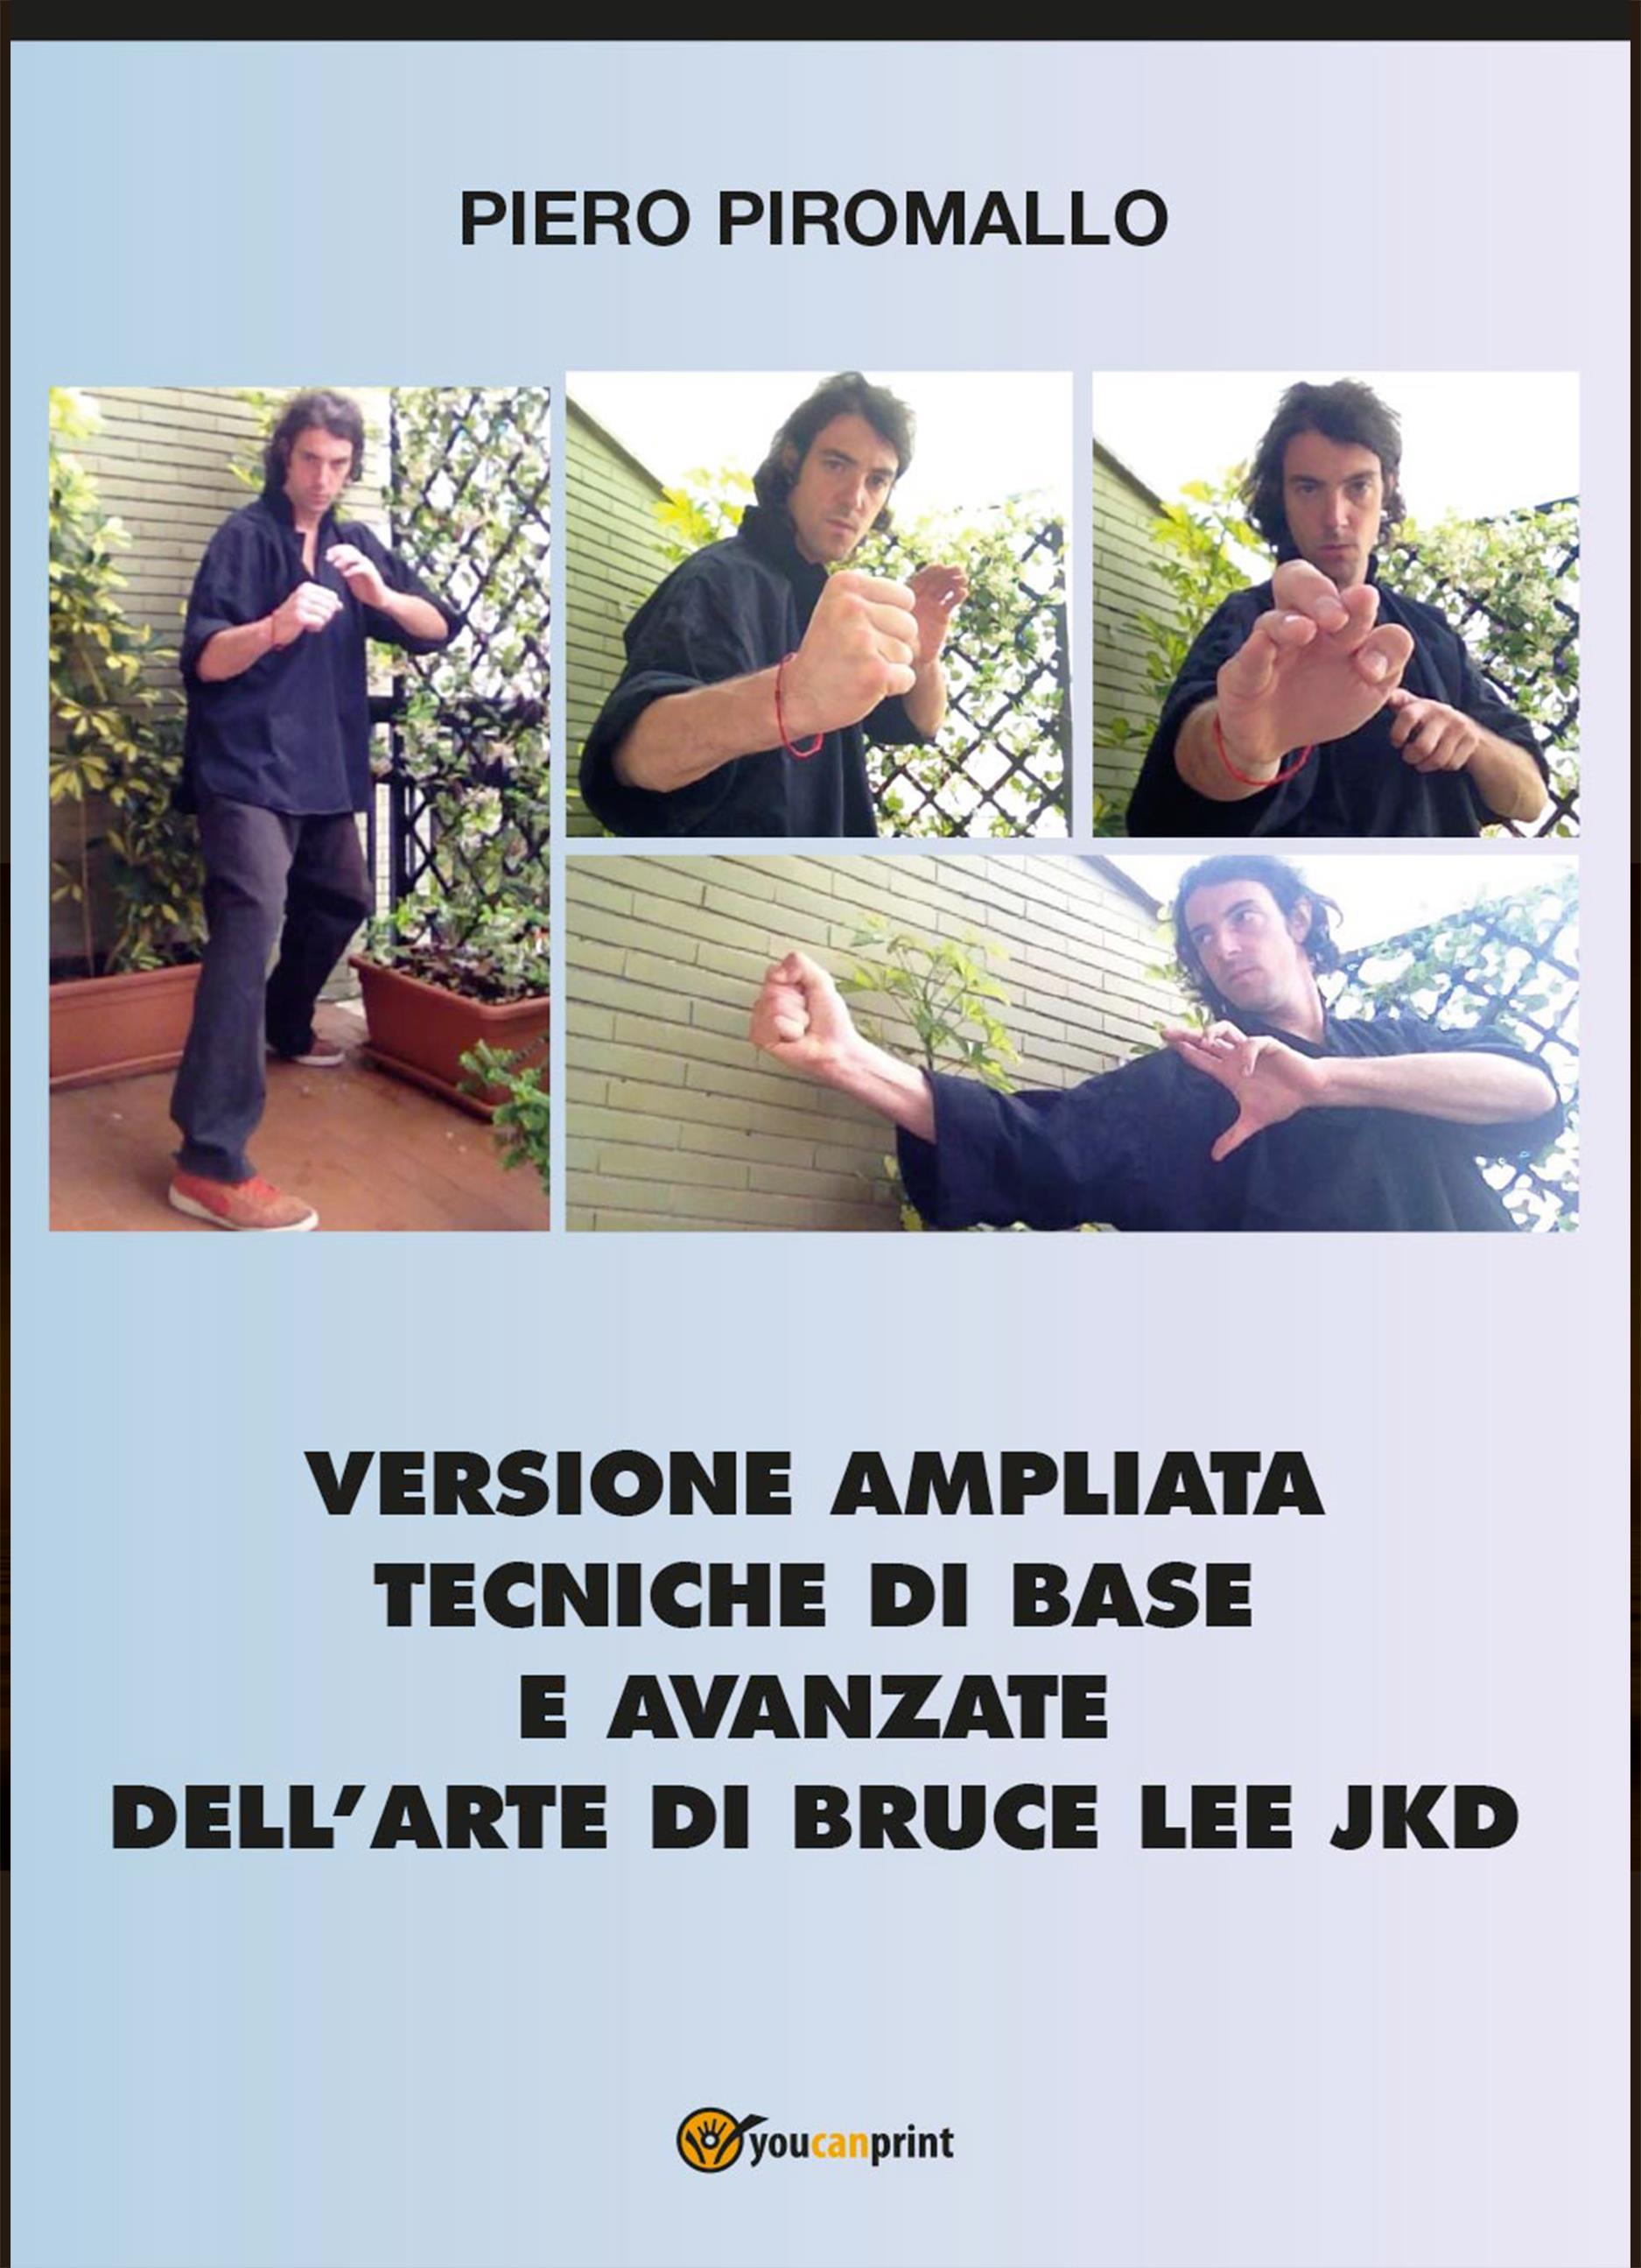 Versione ampliata Tecniche di base e avanzate della arte di Bruce Lee JKD